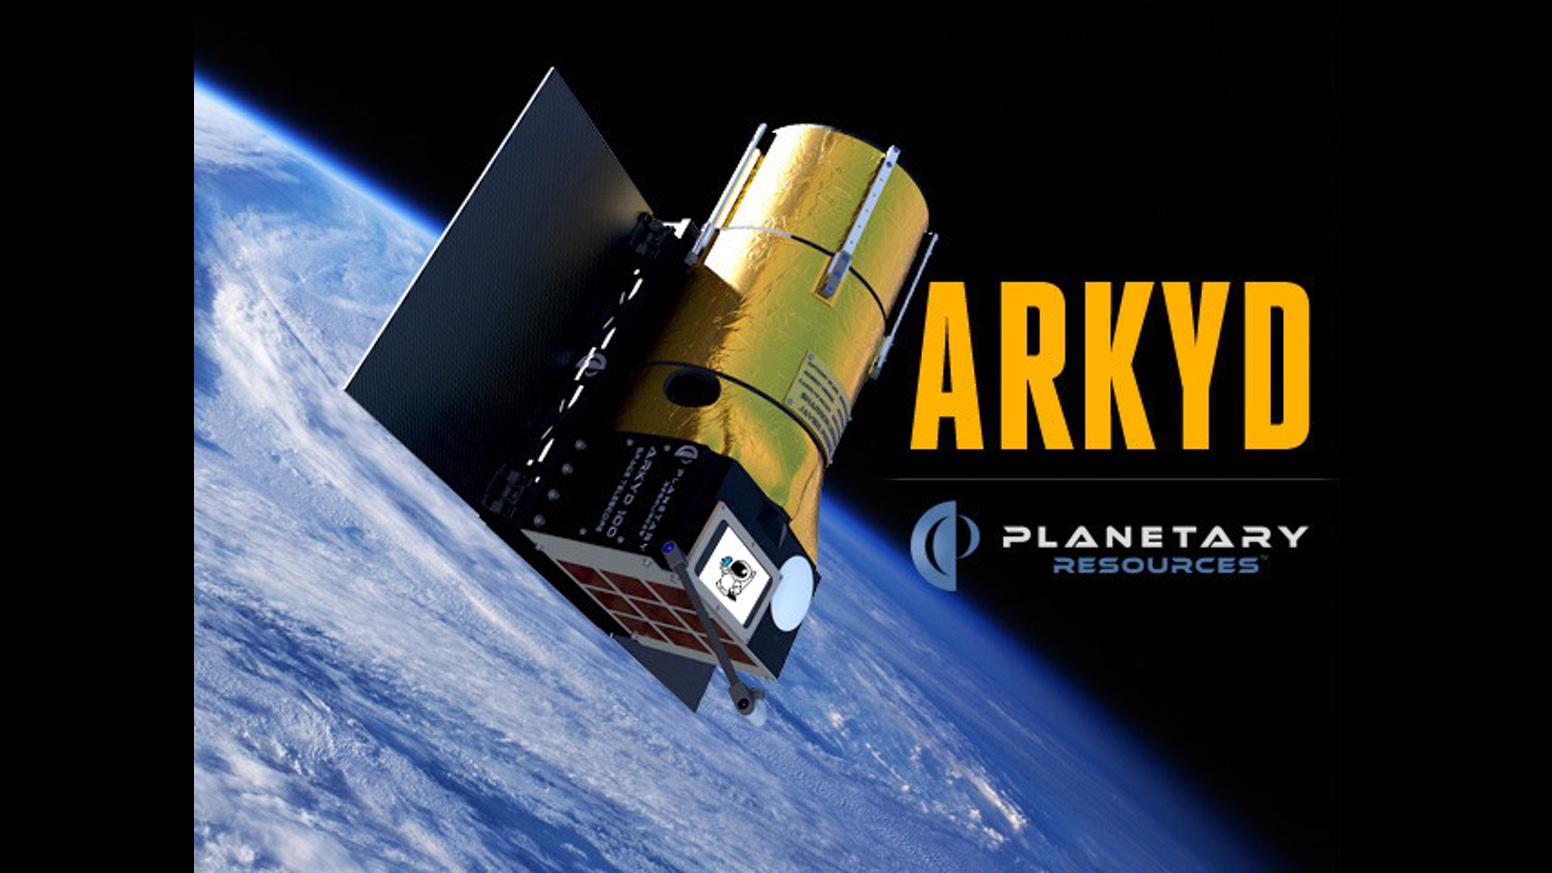 ARKYD, un telescopio que recaudó 1,5 millones a través de Kickstarter